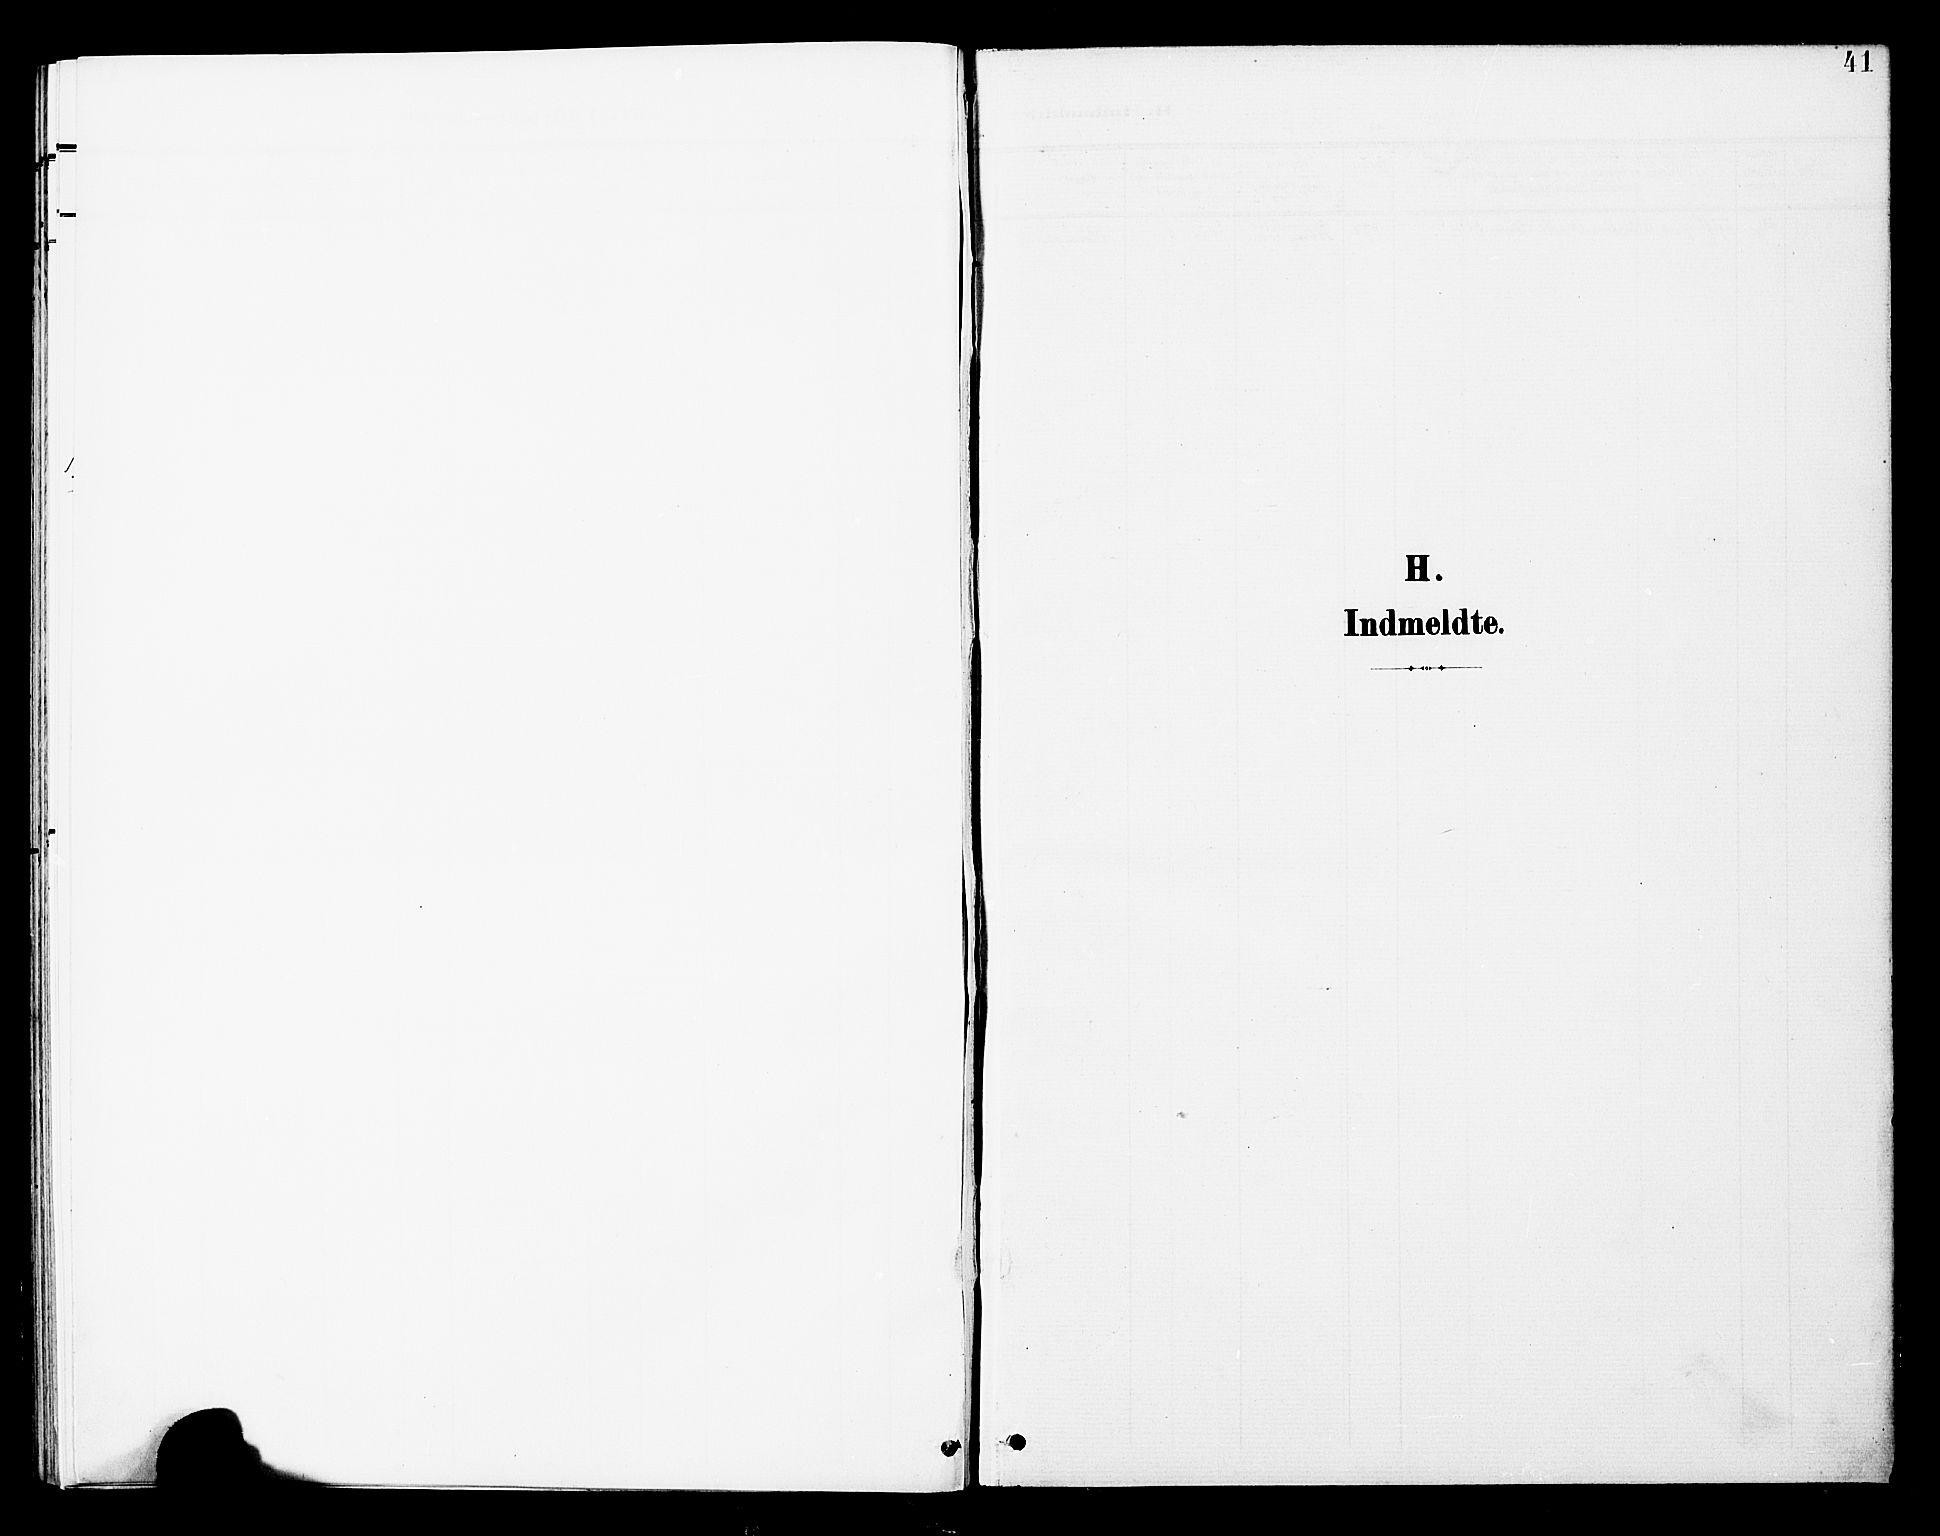 SAT, Ministerialprotokoller, klokkerbøker og fødselsregistre - Nord-Trøndelag, 748/L0464: Ministerialbok nr. 748A01, 1900-1908, s. 41